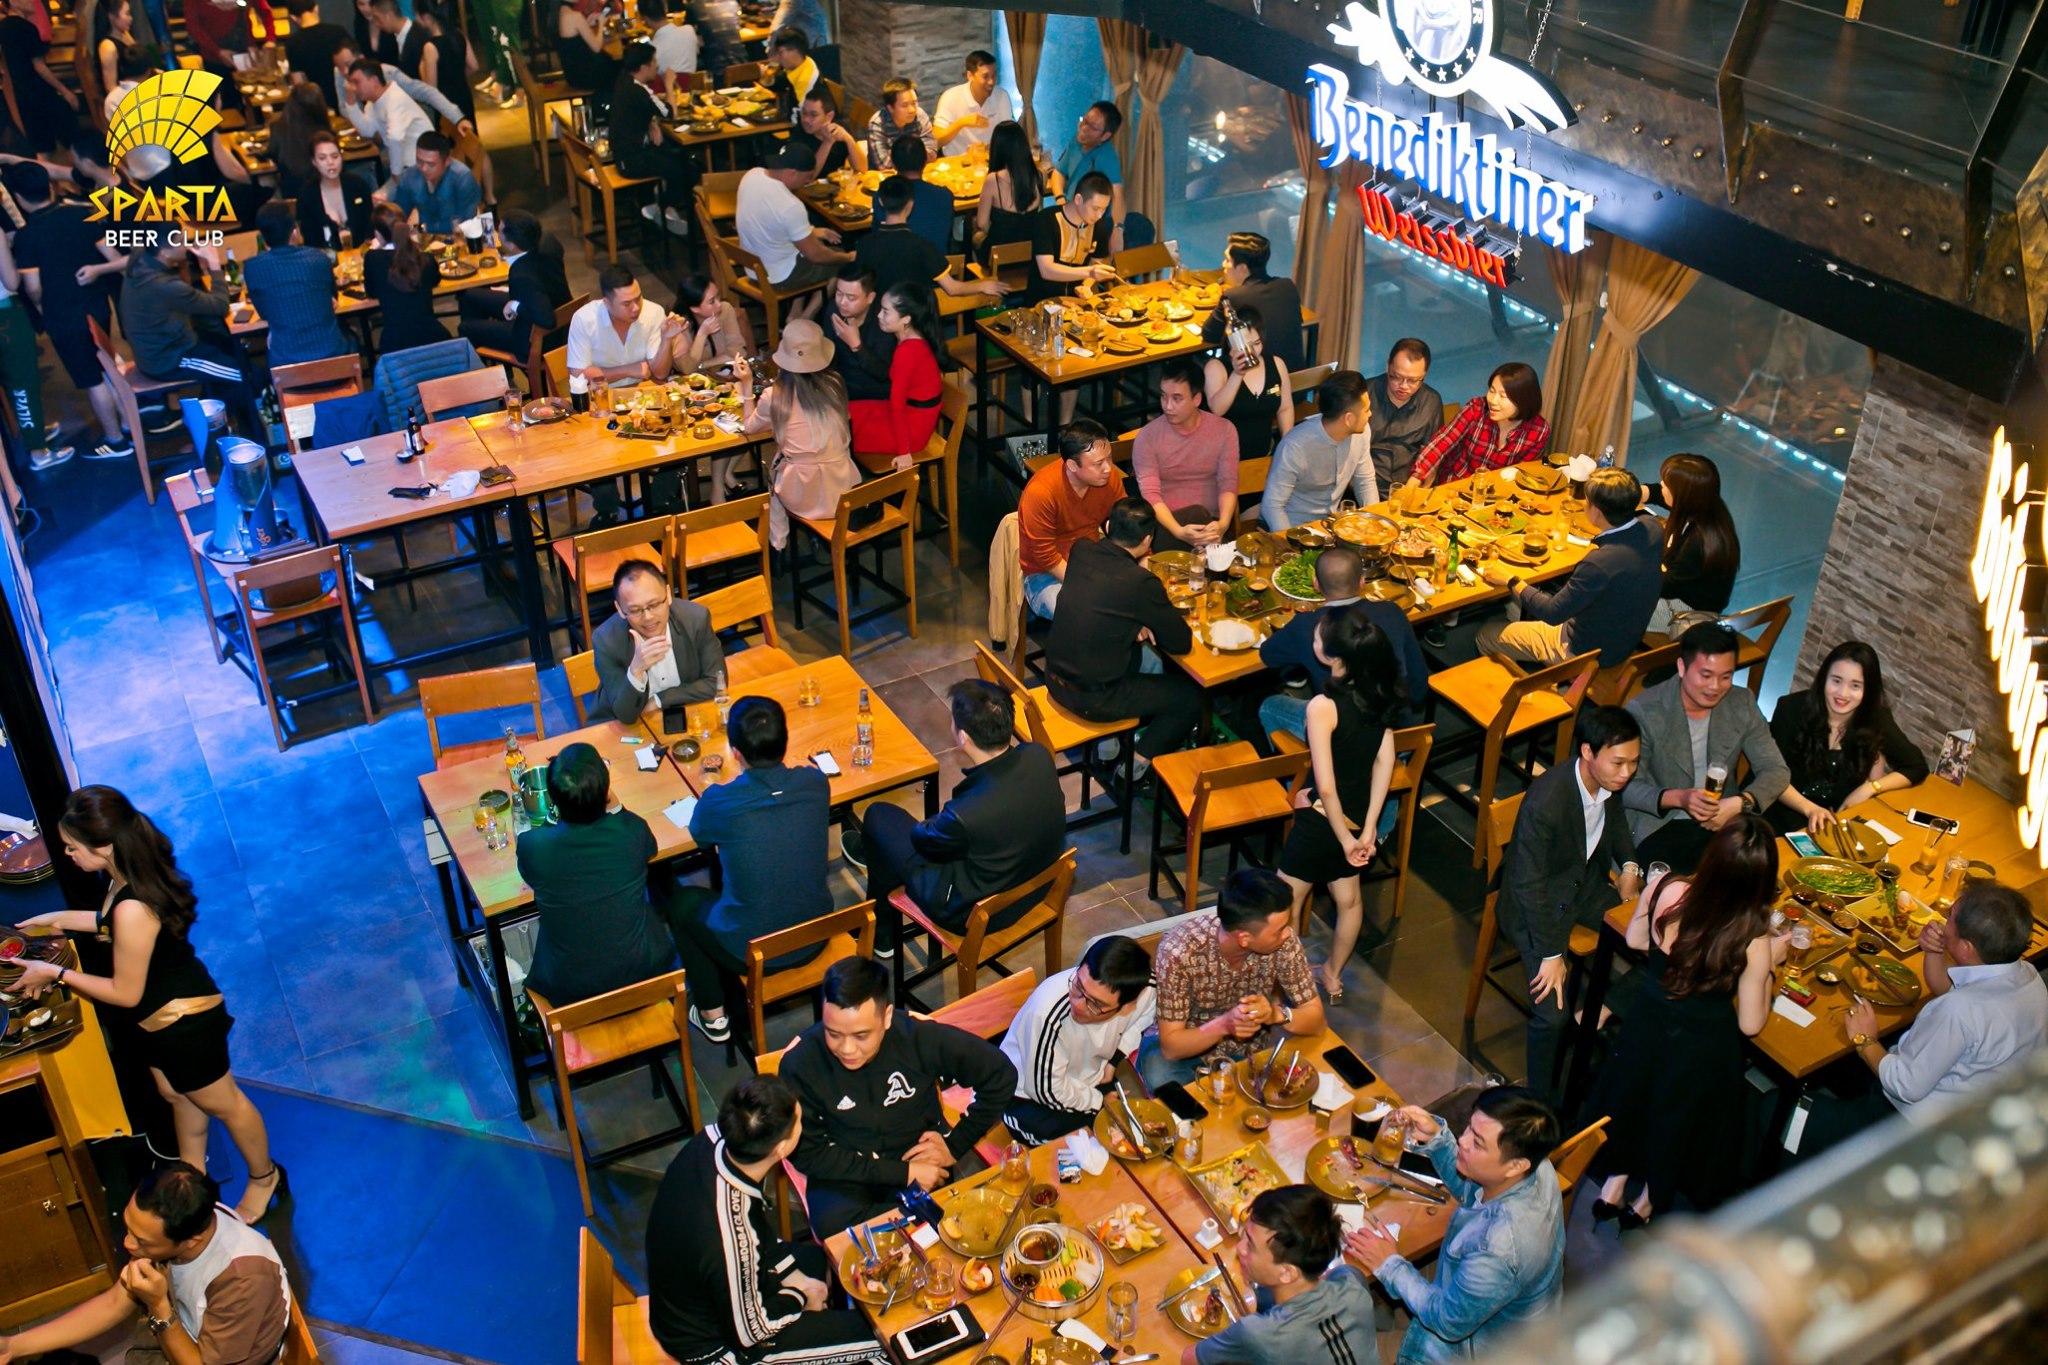 Sparta Beer Club